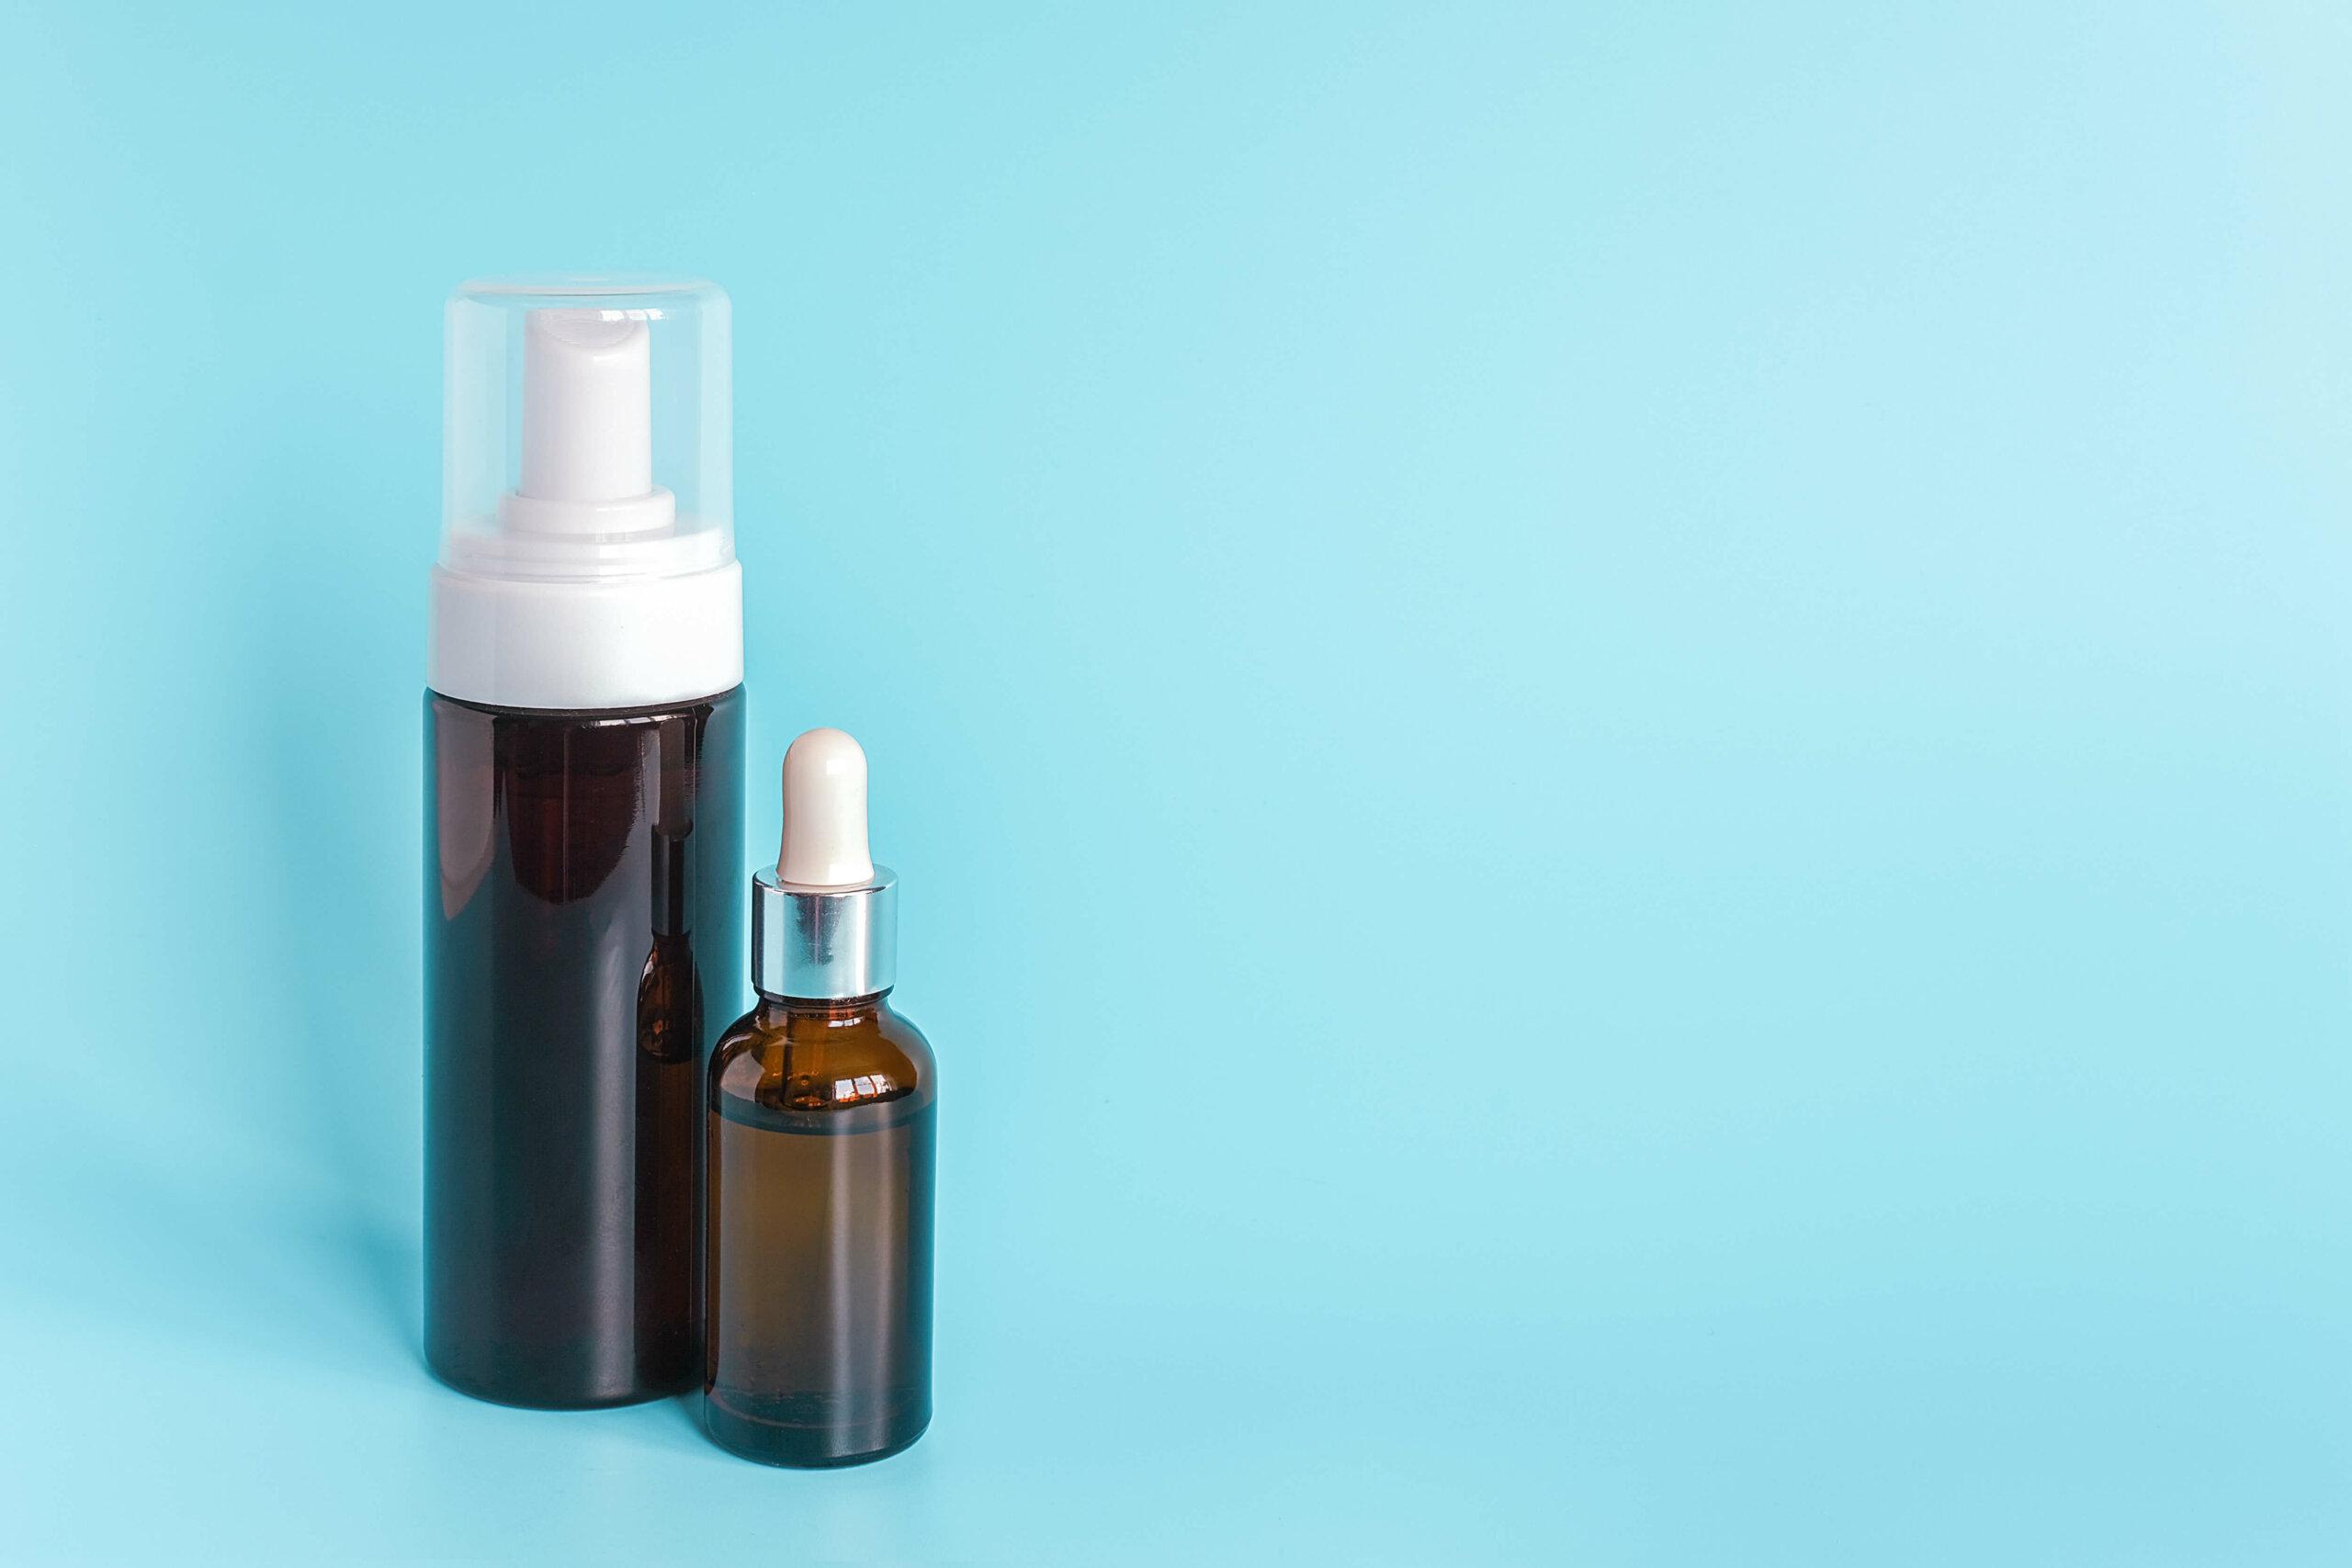 A dark bottle of foam next to a dark bottle of serum, against a blue background